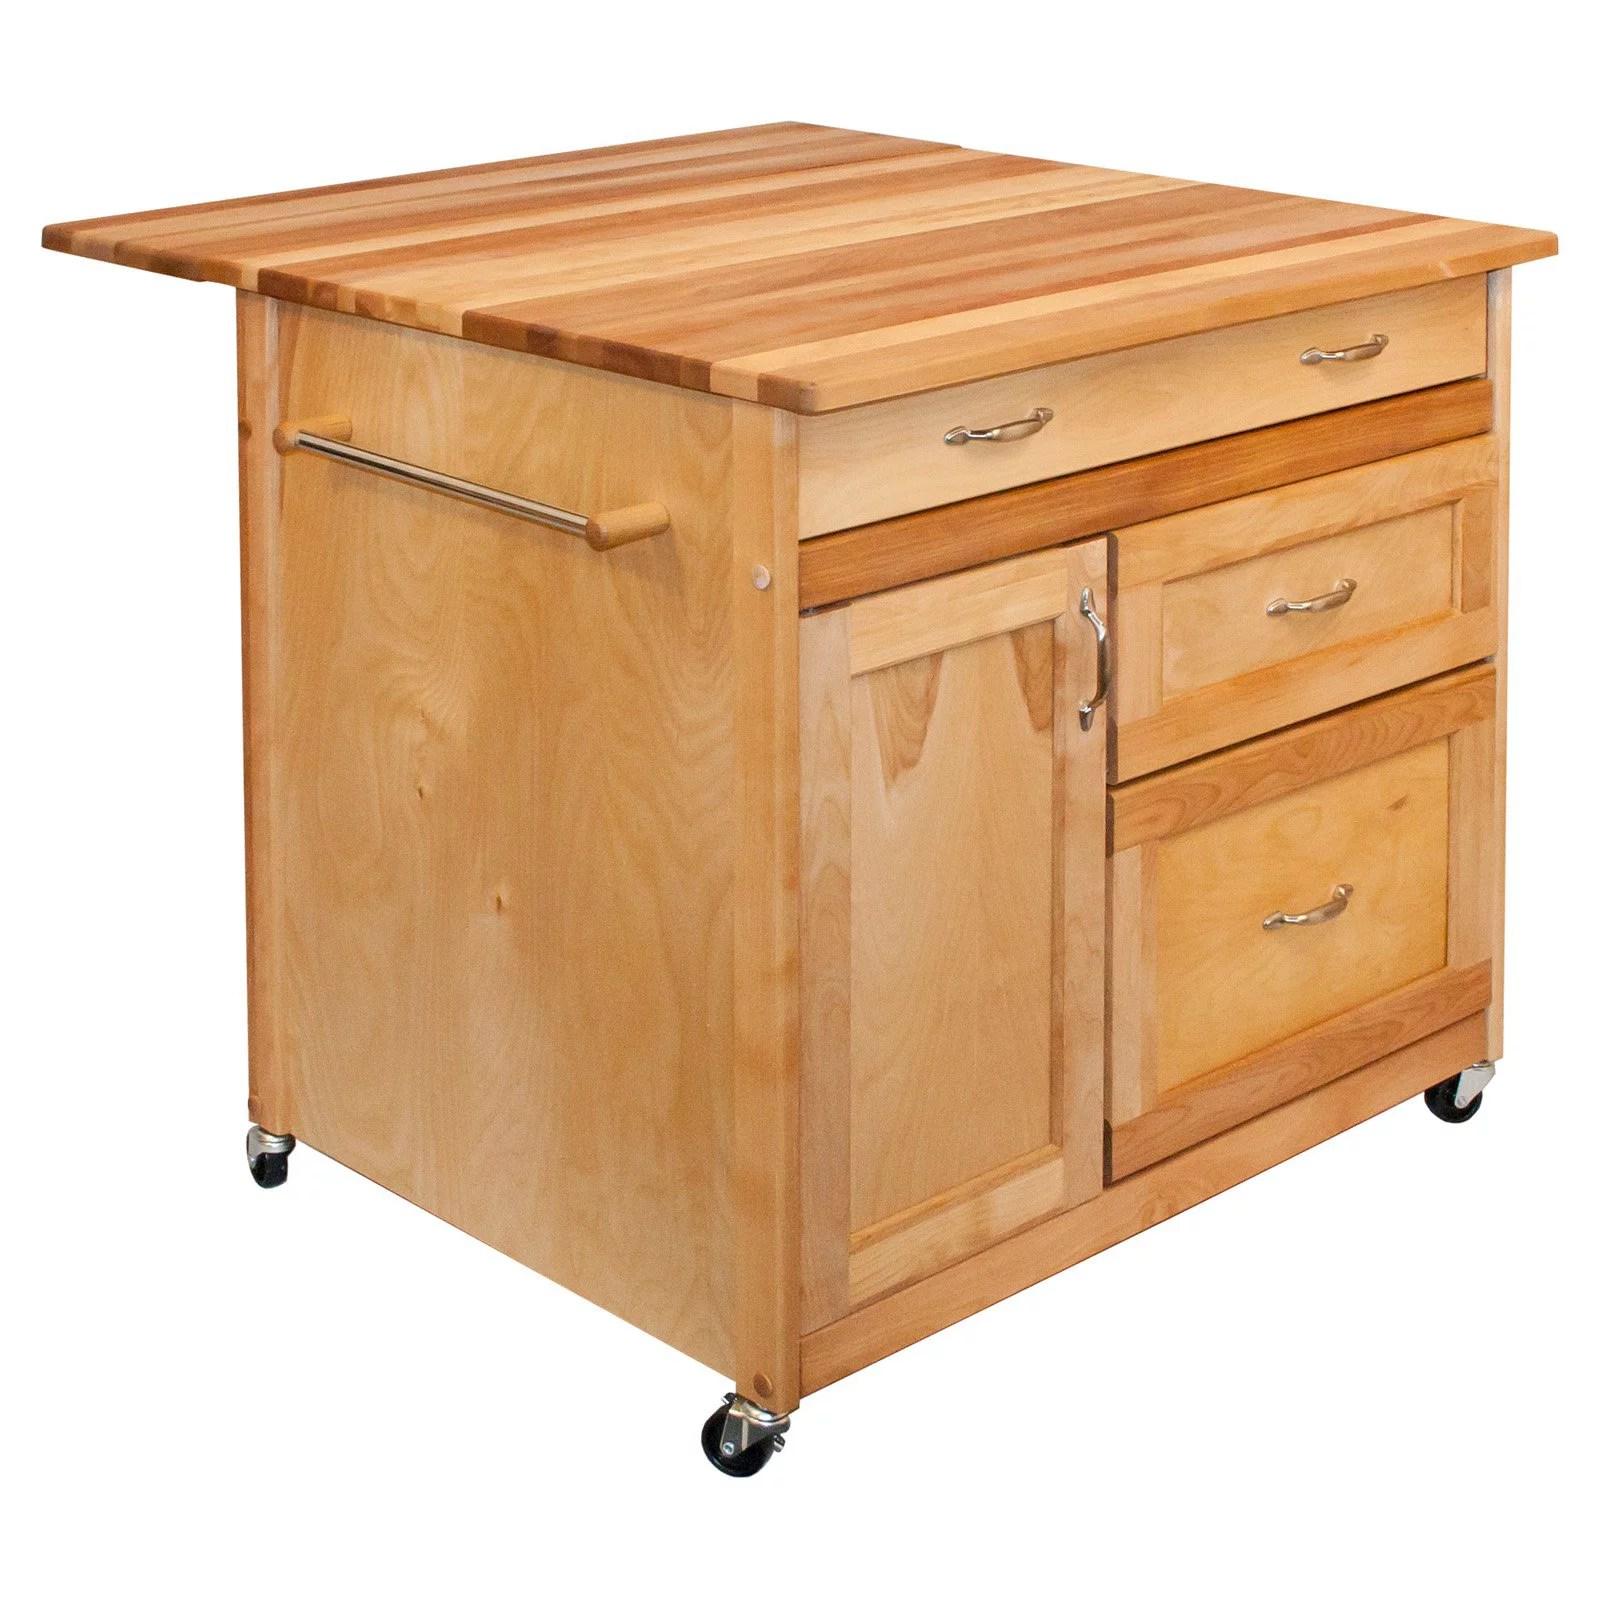 catskill craftsmen kitchen island stainless undermount sink deep drawer walmart com